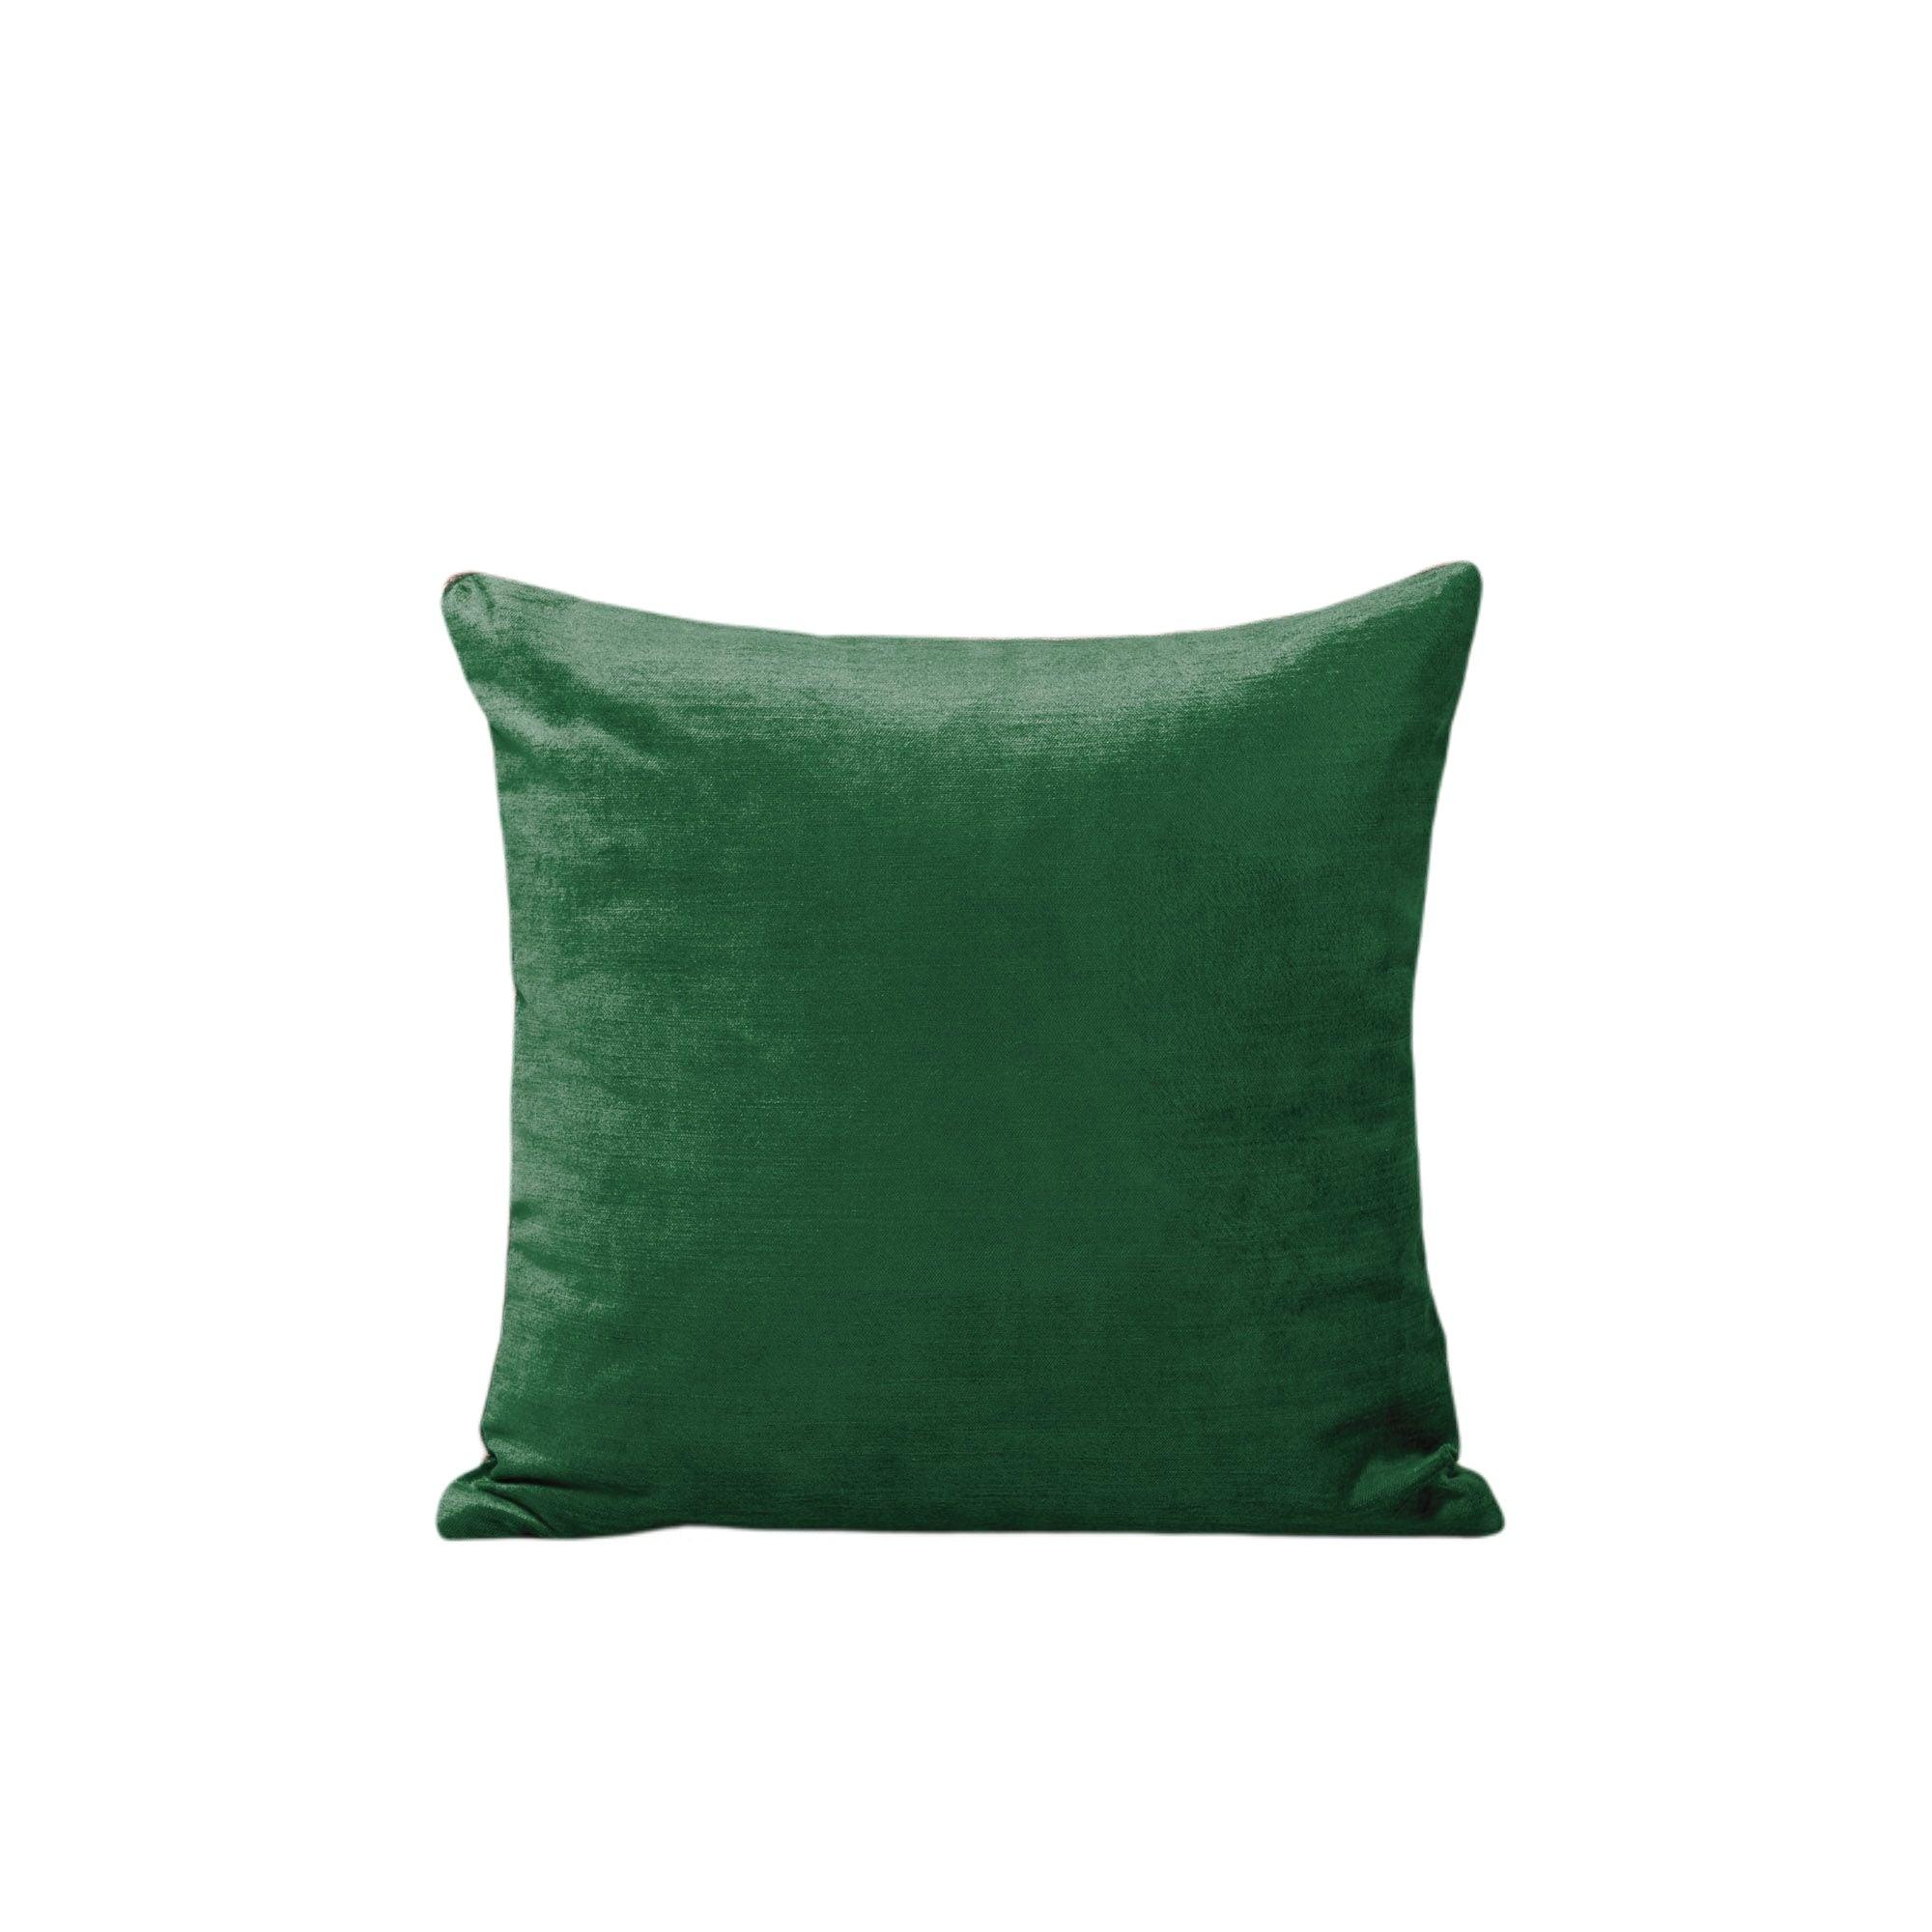 Housse de coussin 40x40 cm Vert moyen et taupe